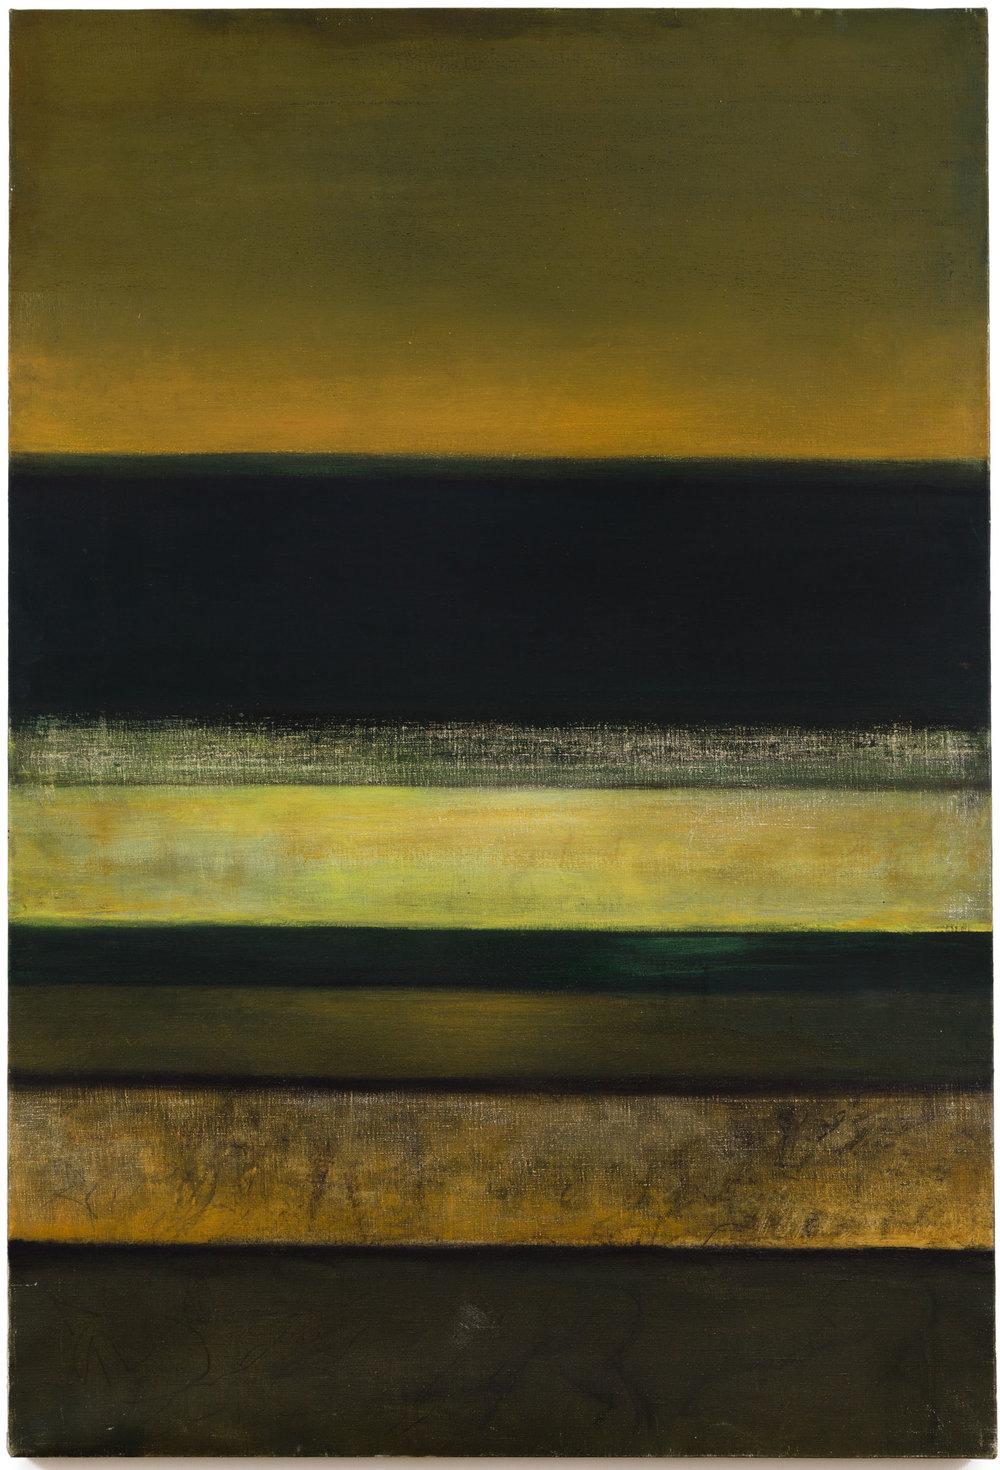 Hedda Sterne,Horizontal #3, 1965, 58 1/2 in. x 39 1/2 in.